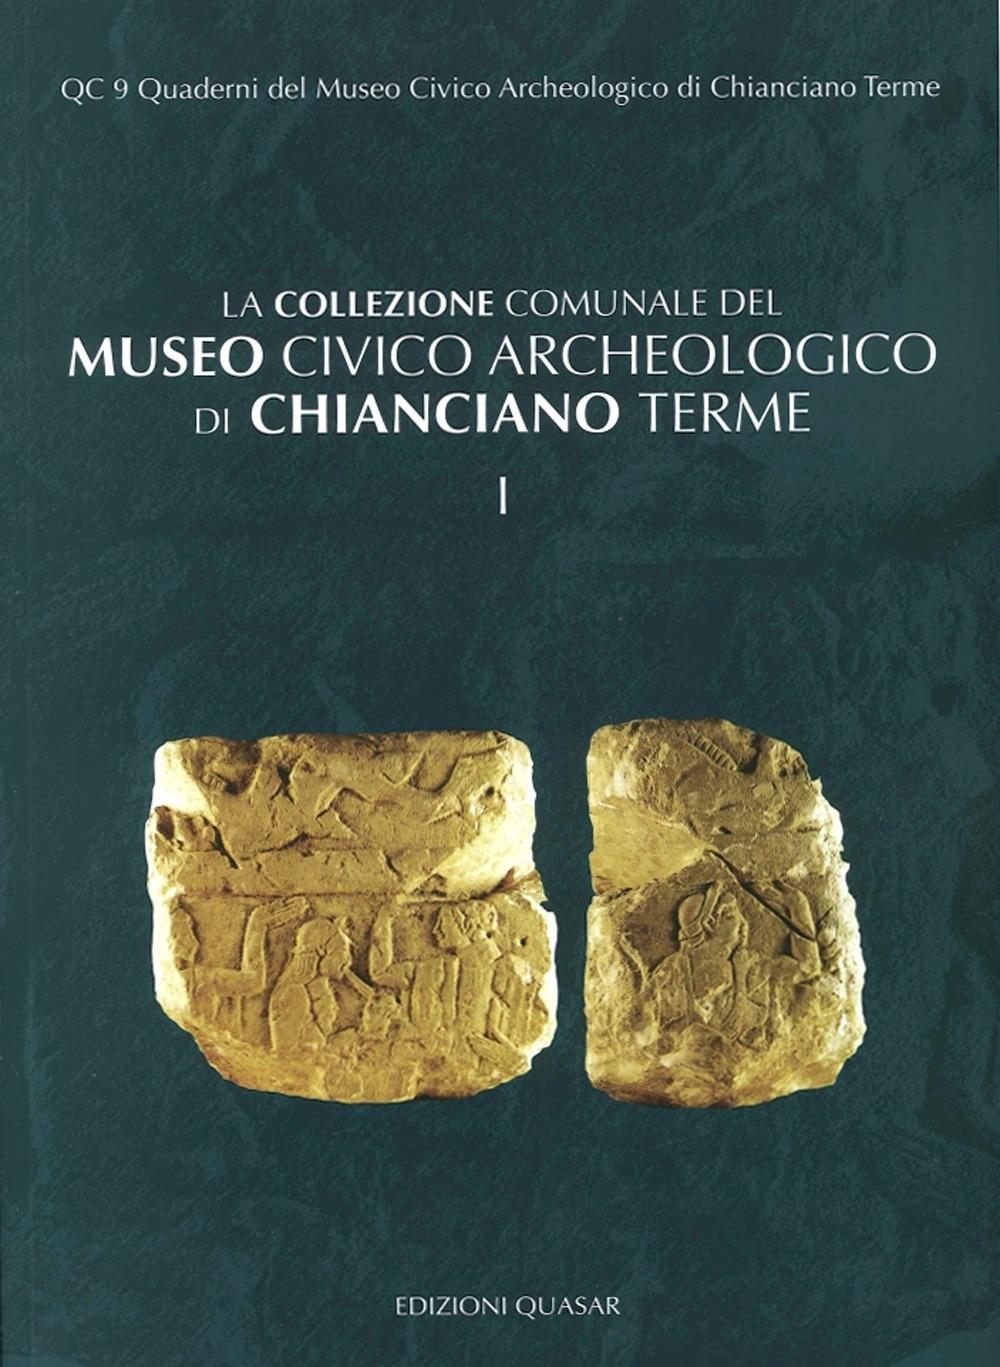 La Collezione Comunale del Museo Civico Archeologico di Chiangiano Terme. Vol. 1.